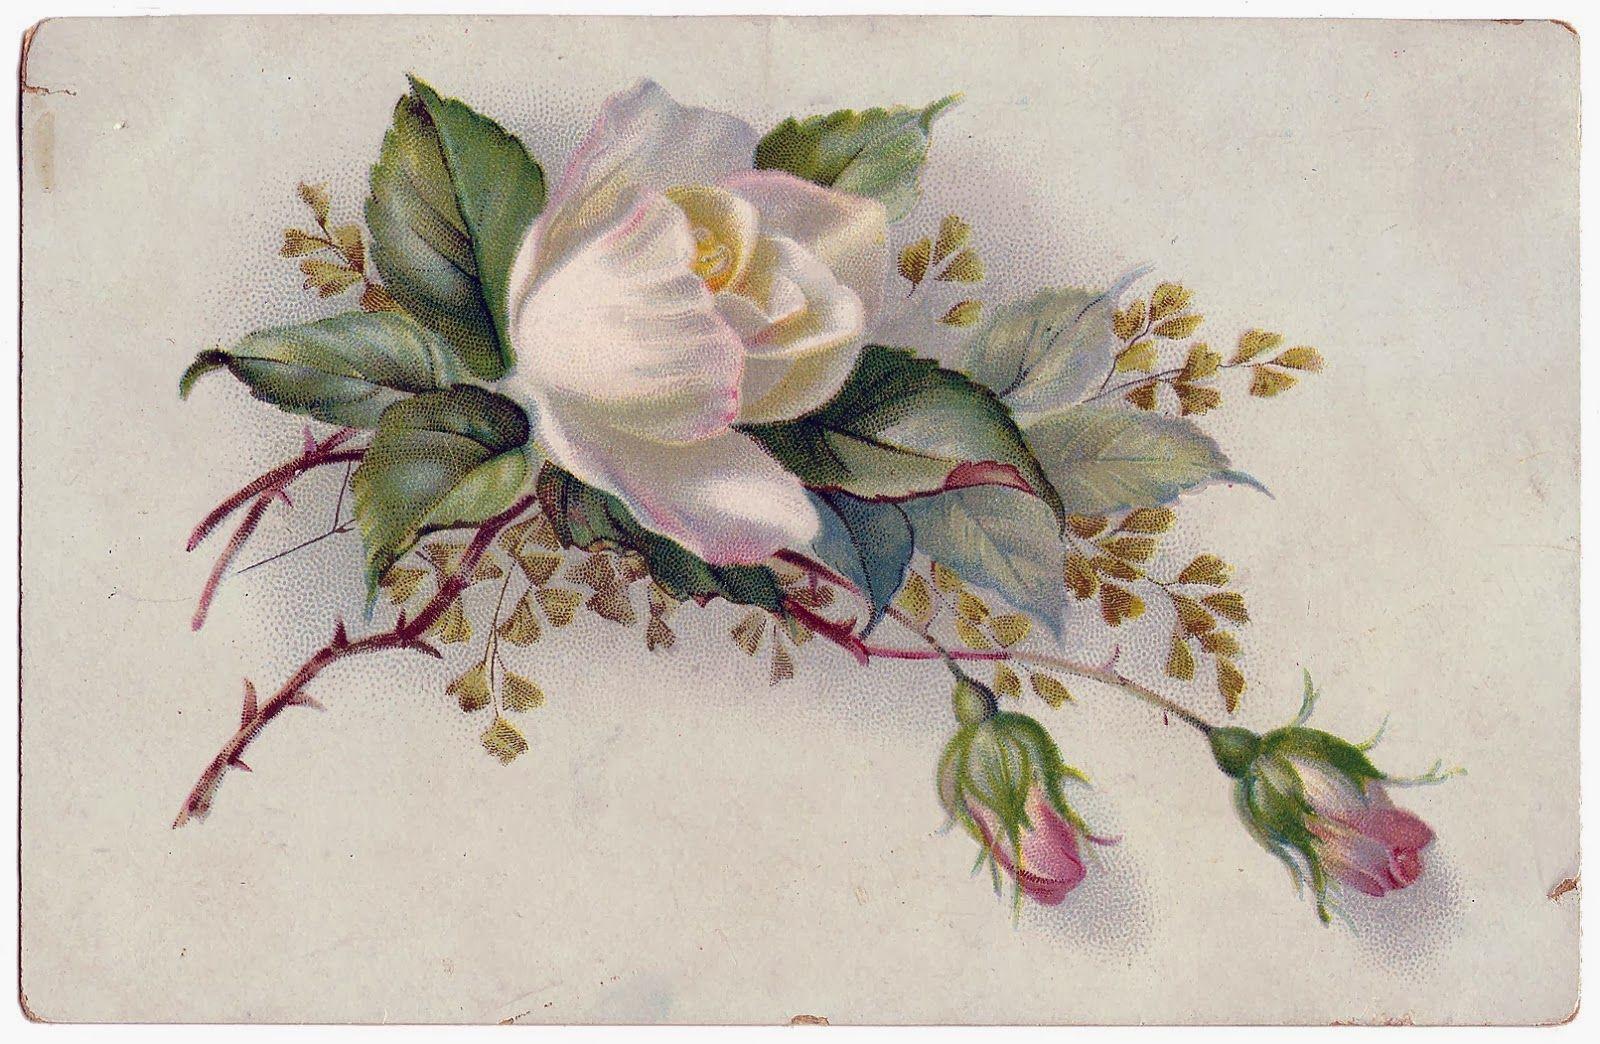 Цветы в старых открытках, картинки